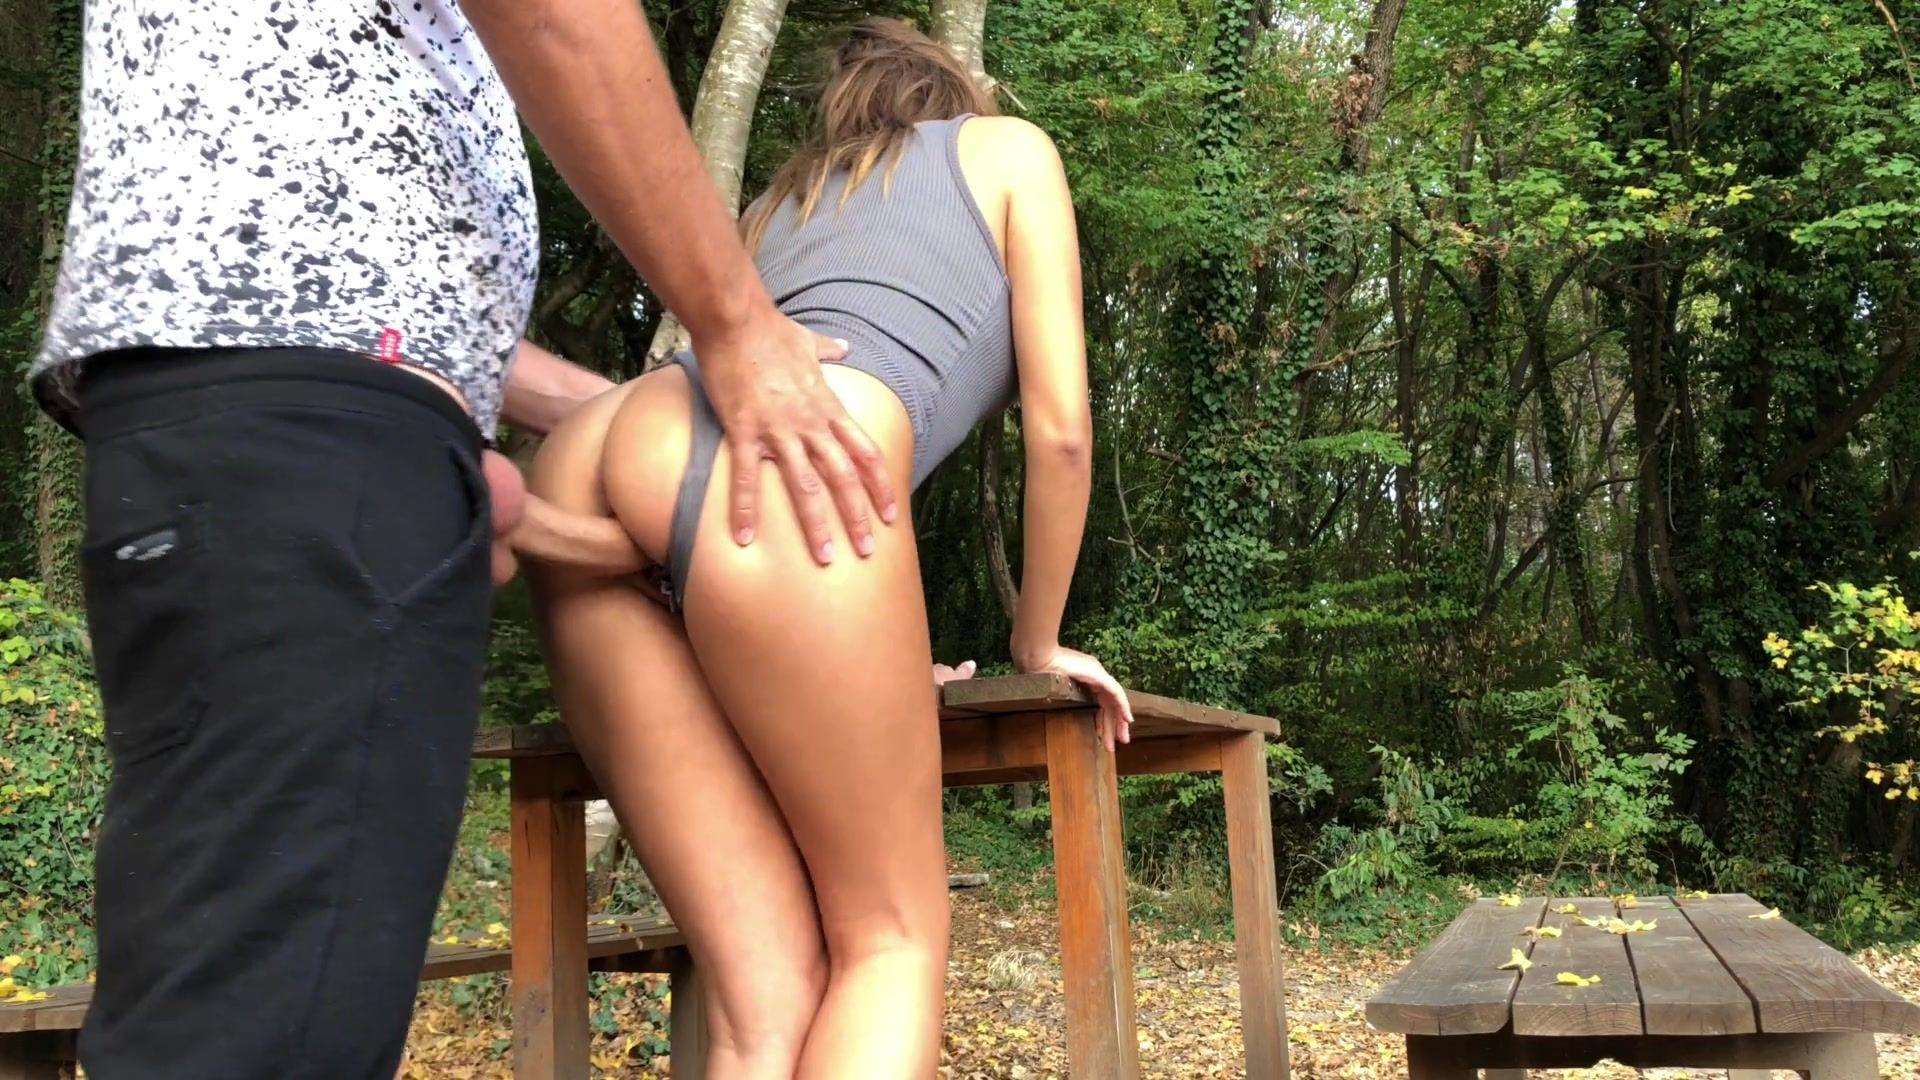 Секс В Парке Молодой Парочки Порно Хд Онлайн